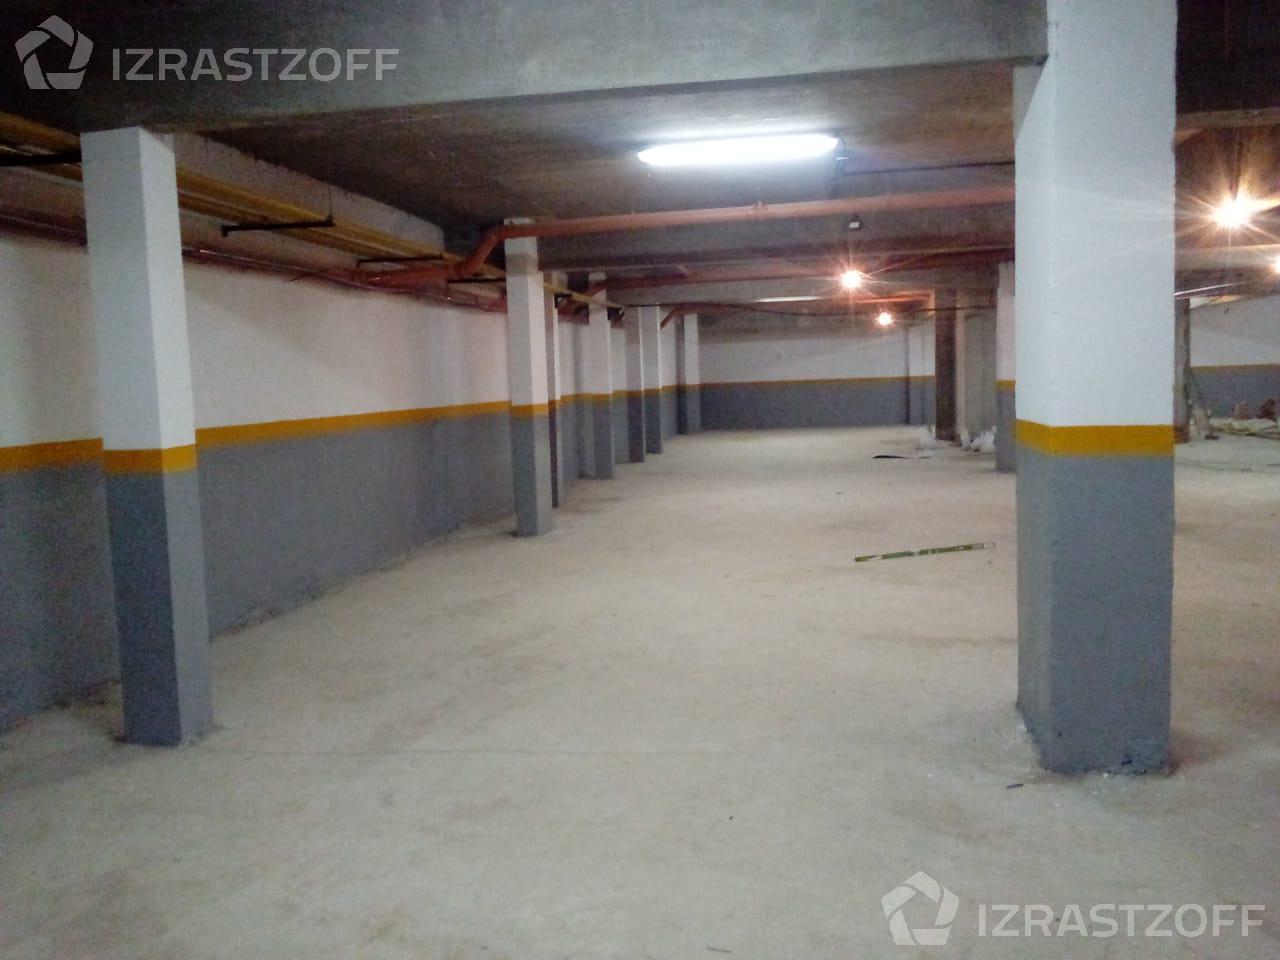 Departamento-Venta-Pilar-46 PLAZA - Lares 1 - Av Caamaño